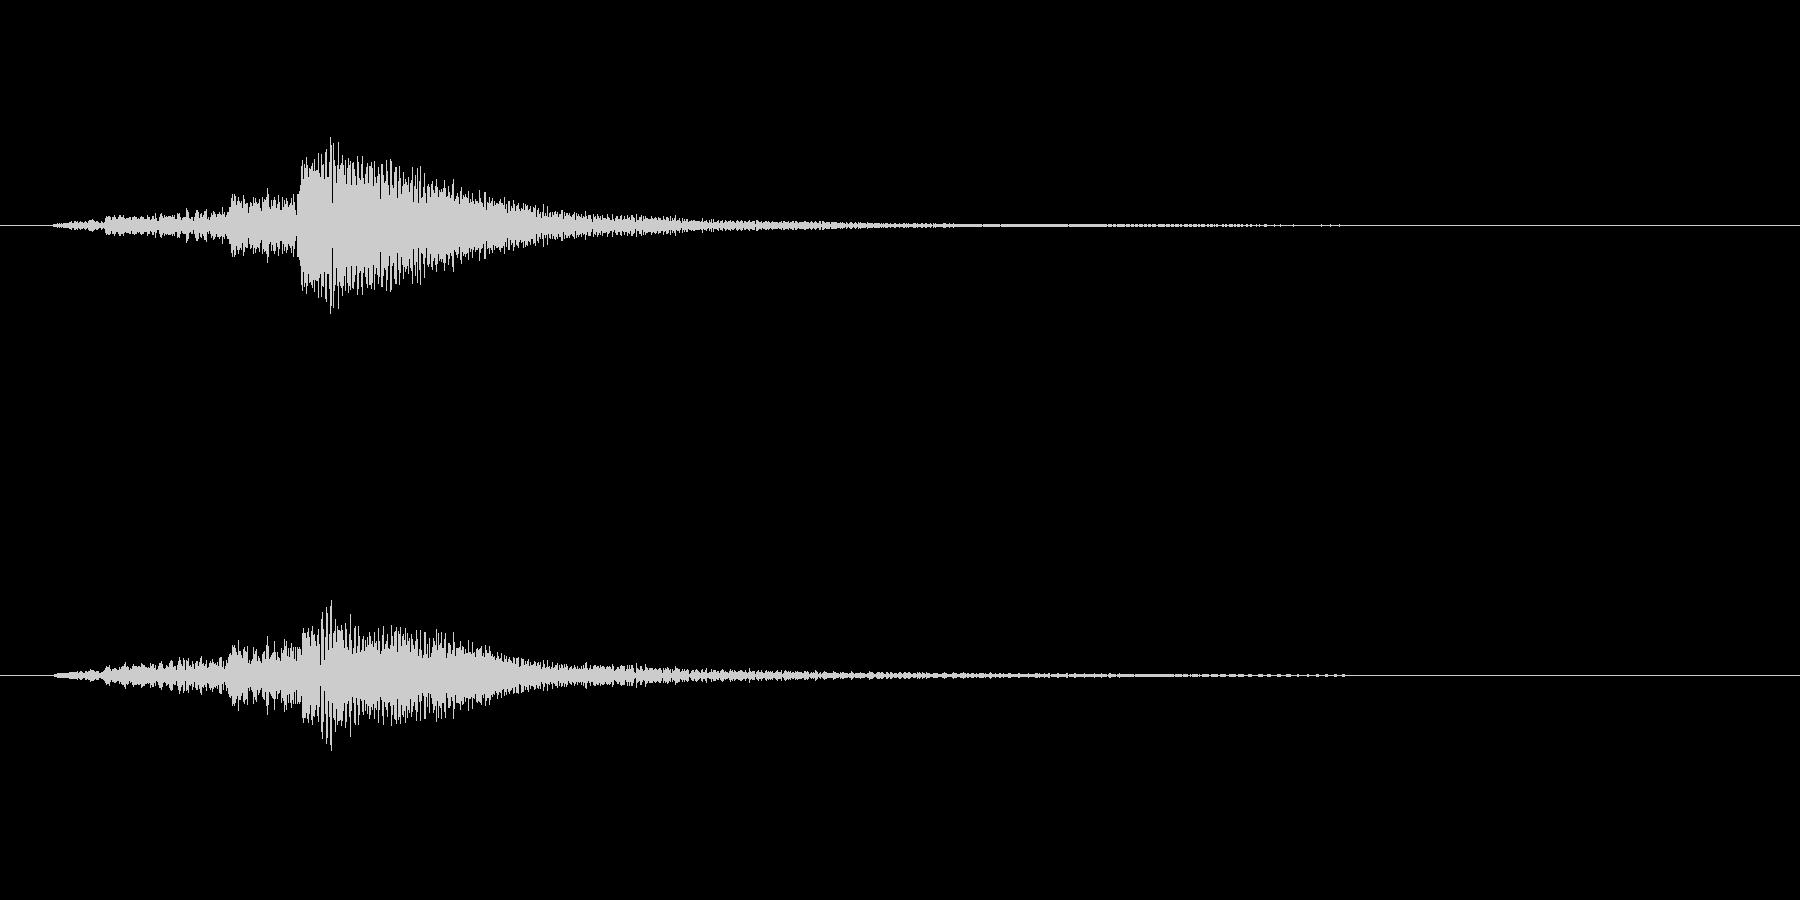 ハープのグリッサンド・ファーストミートの未再生の波形